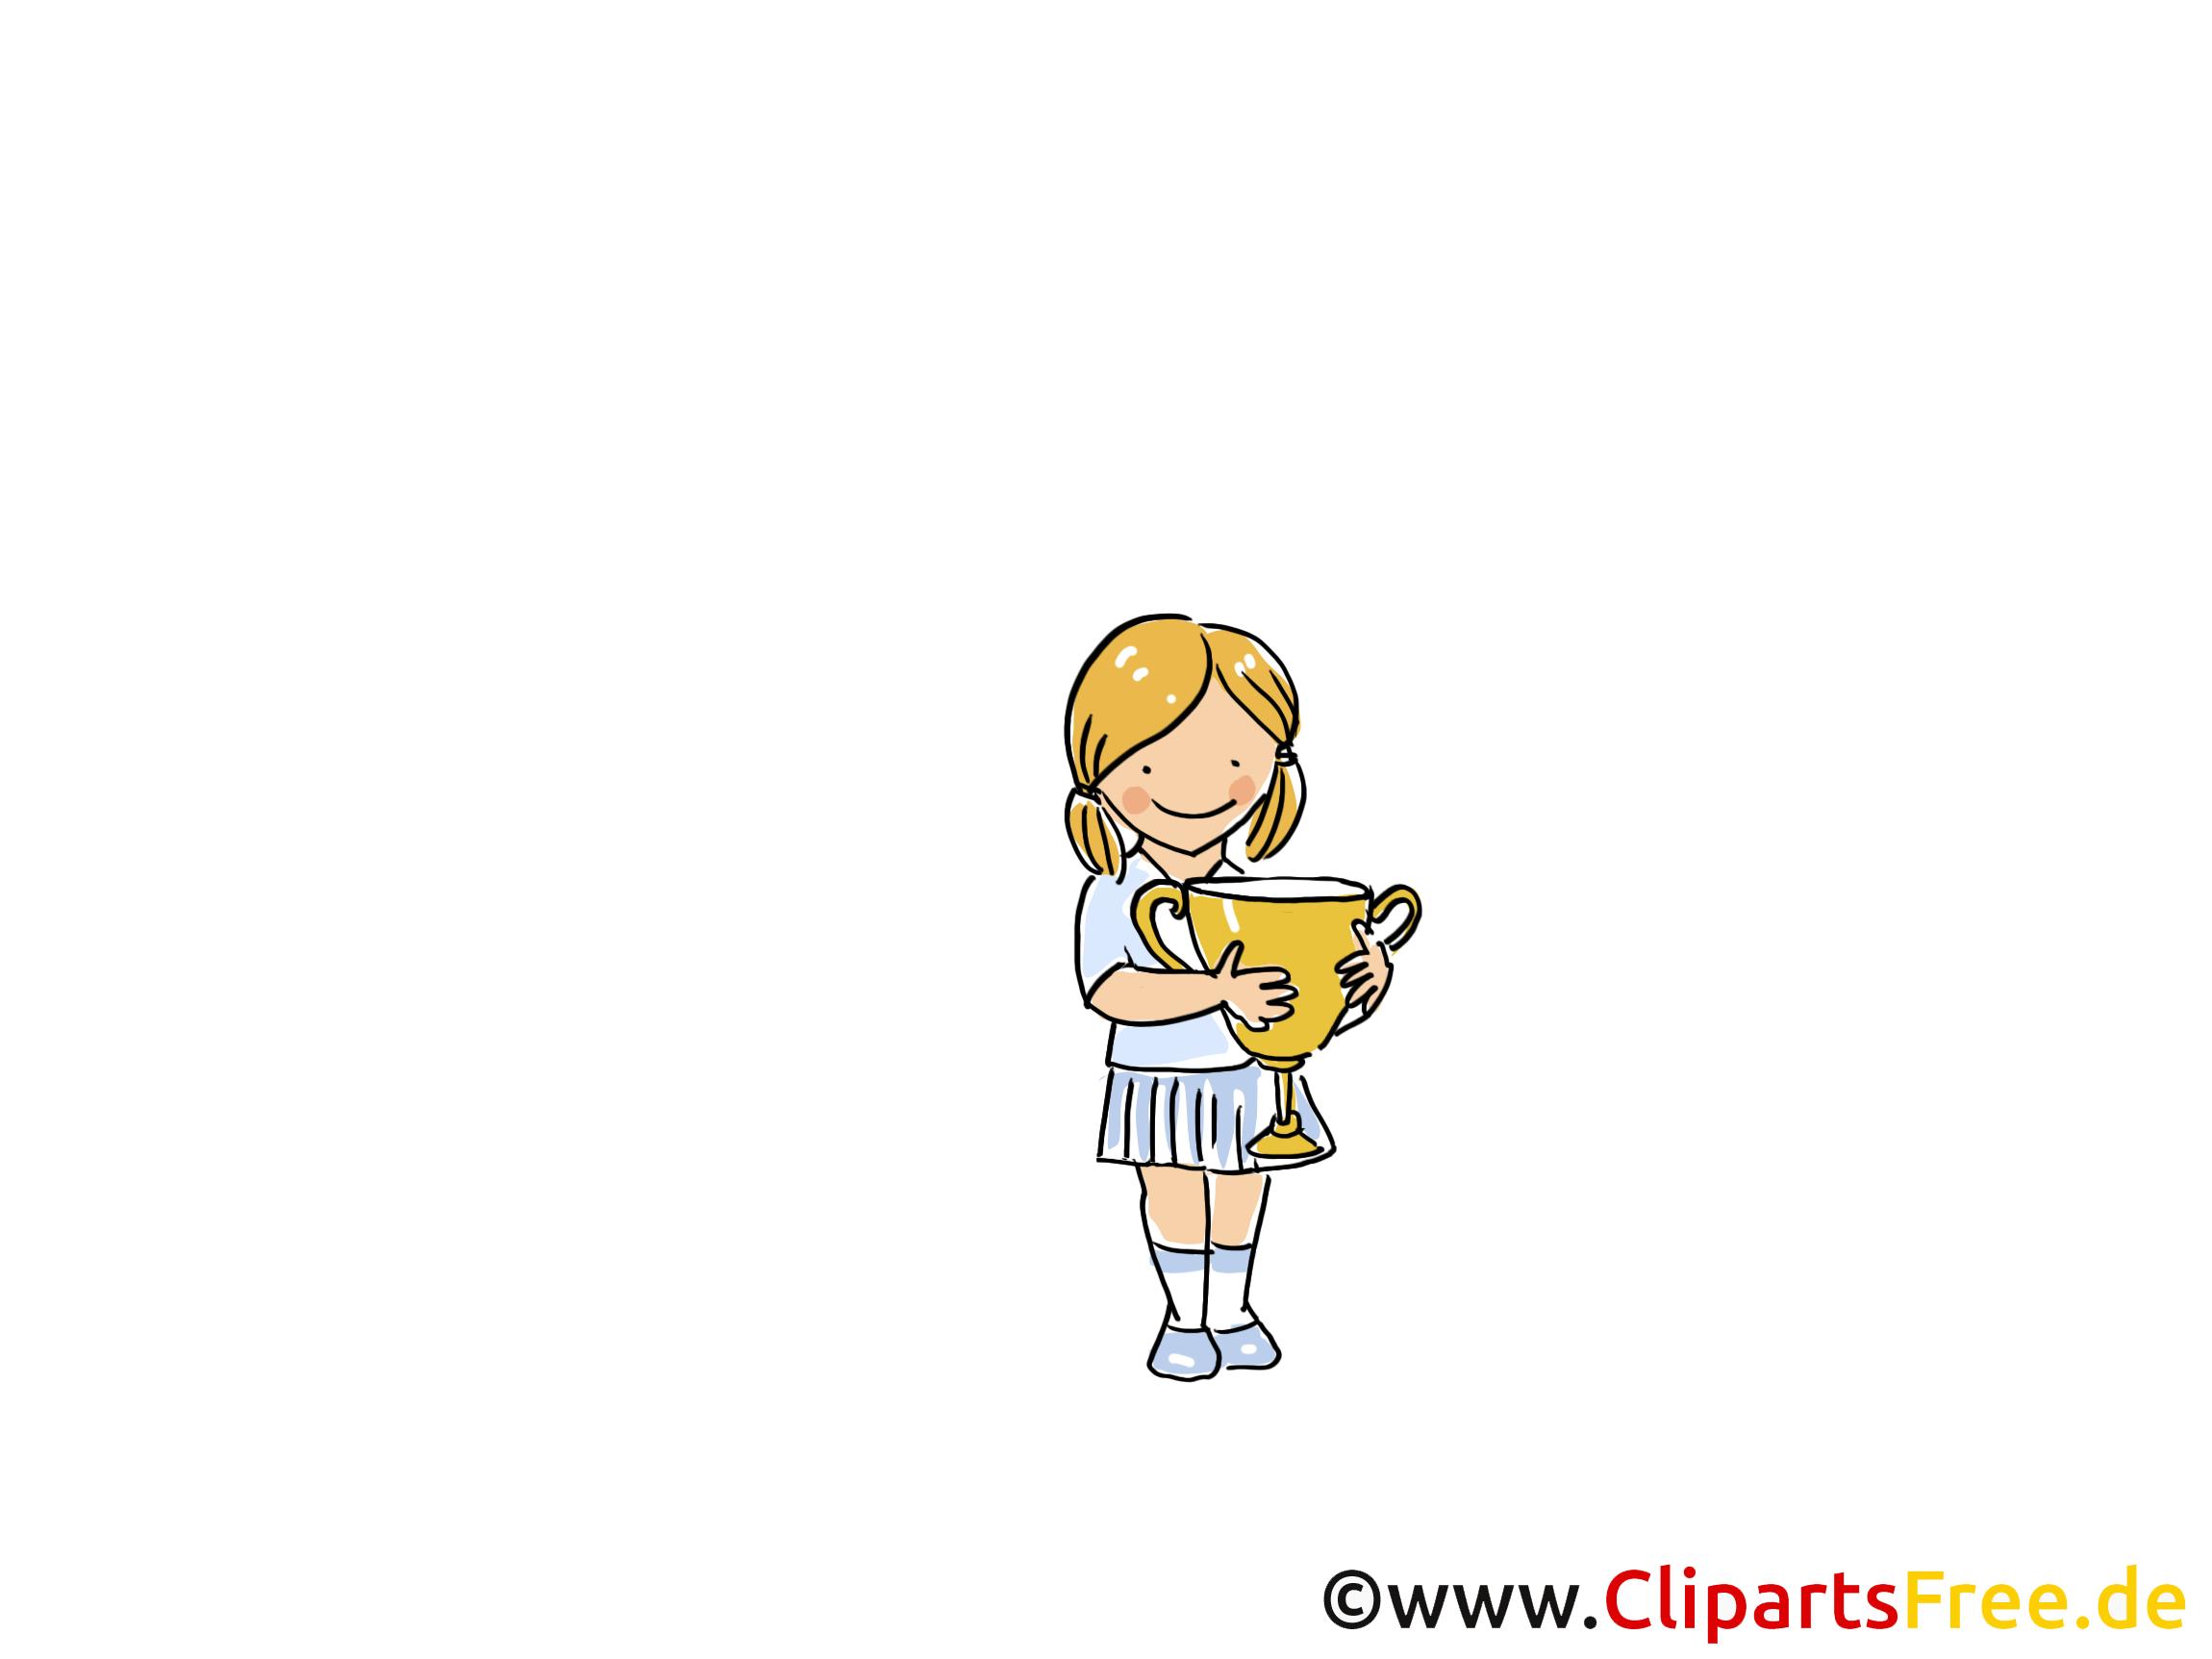 Cup afbeelding, Sport Clipart, Cartoon, Cartoon, Afbeelding gratis